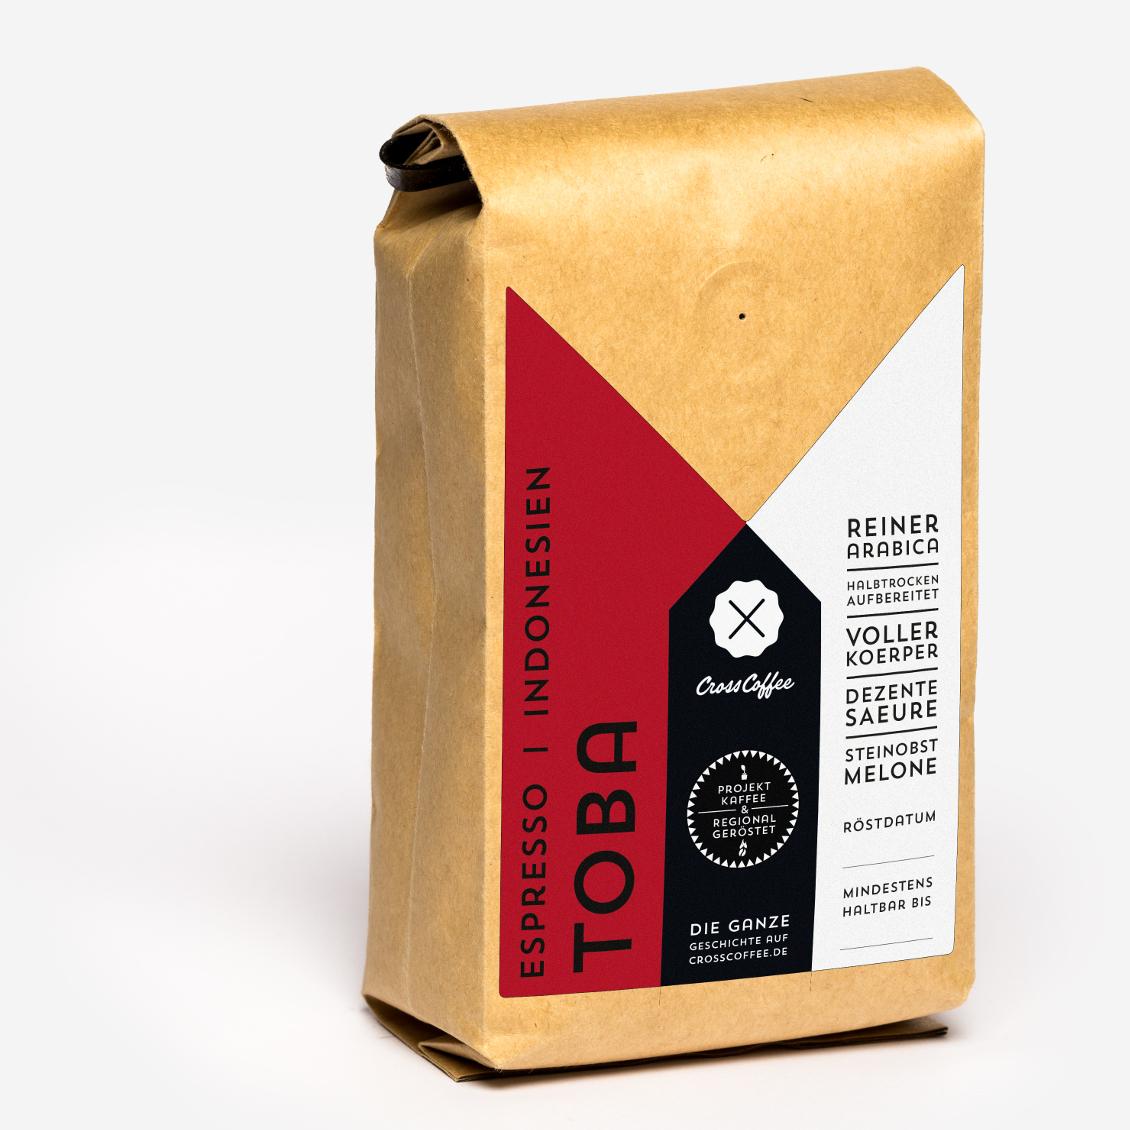 Produktfoto Espresso TOBA, Sumatra, Kaffee geröstet von der Kaffeerösterei Cross Coffee aus Bremen